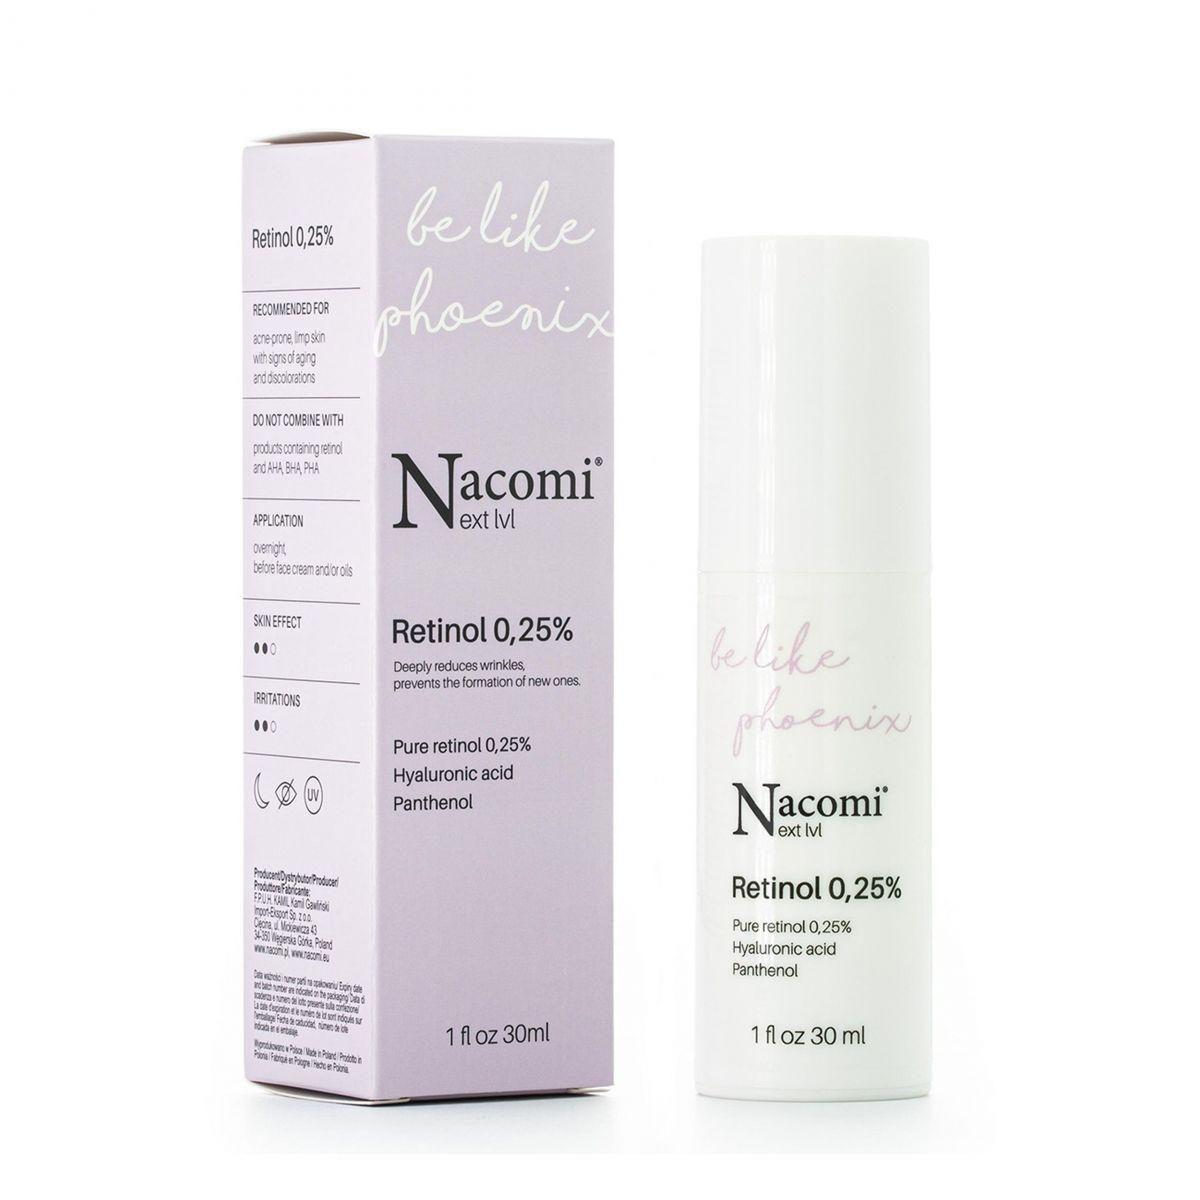 Serum Retinol 0,25% - 30ml - Nacomi